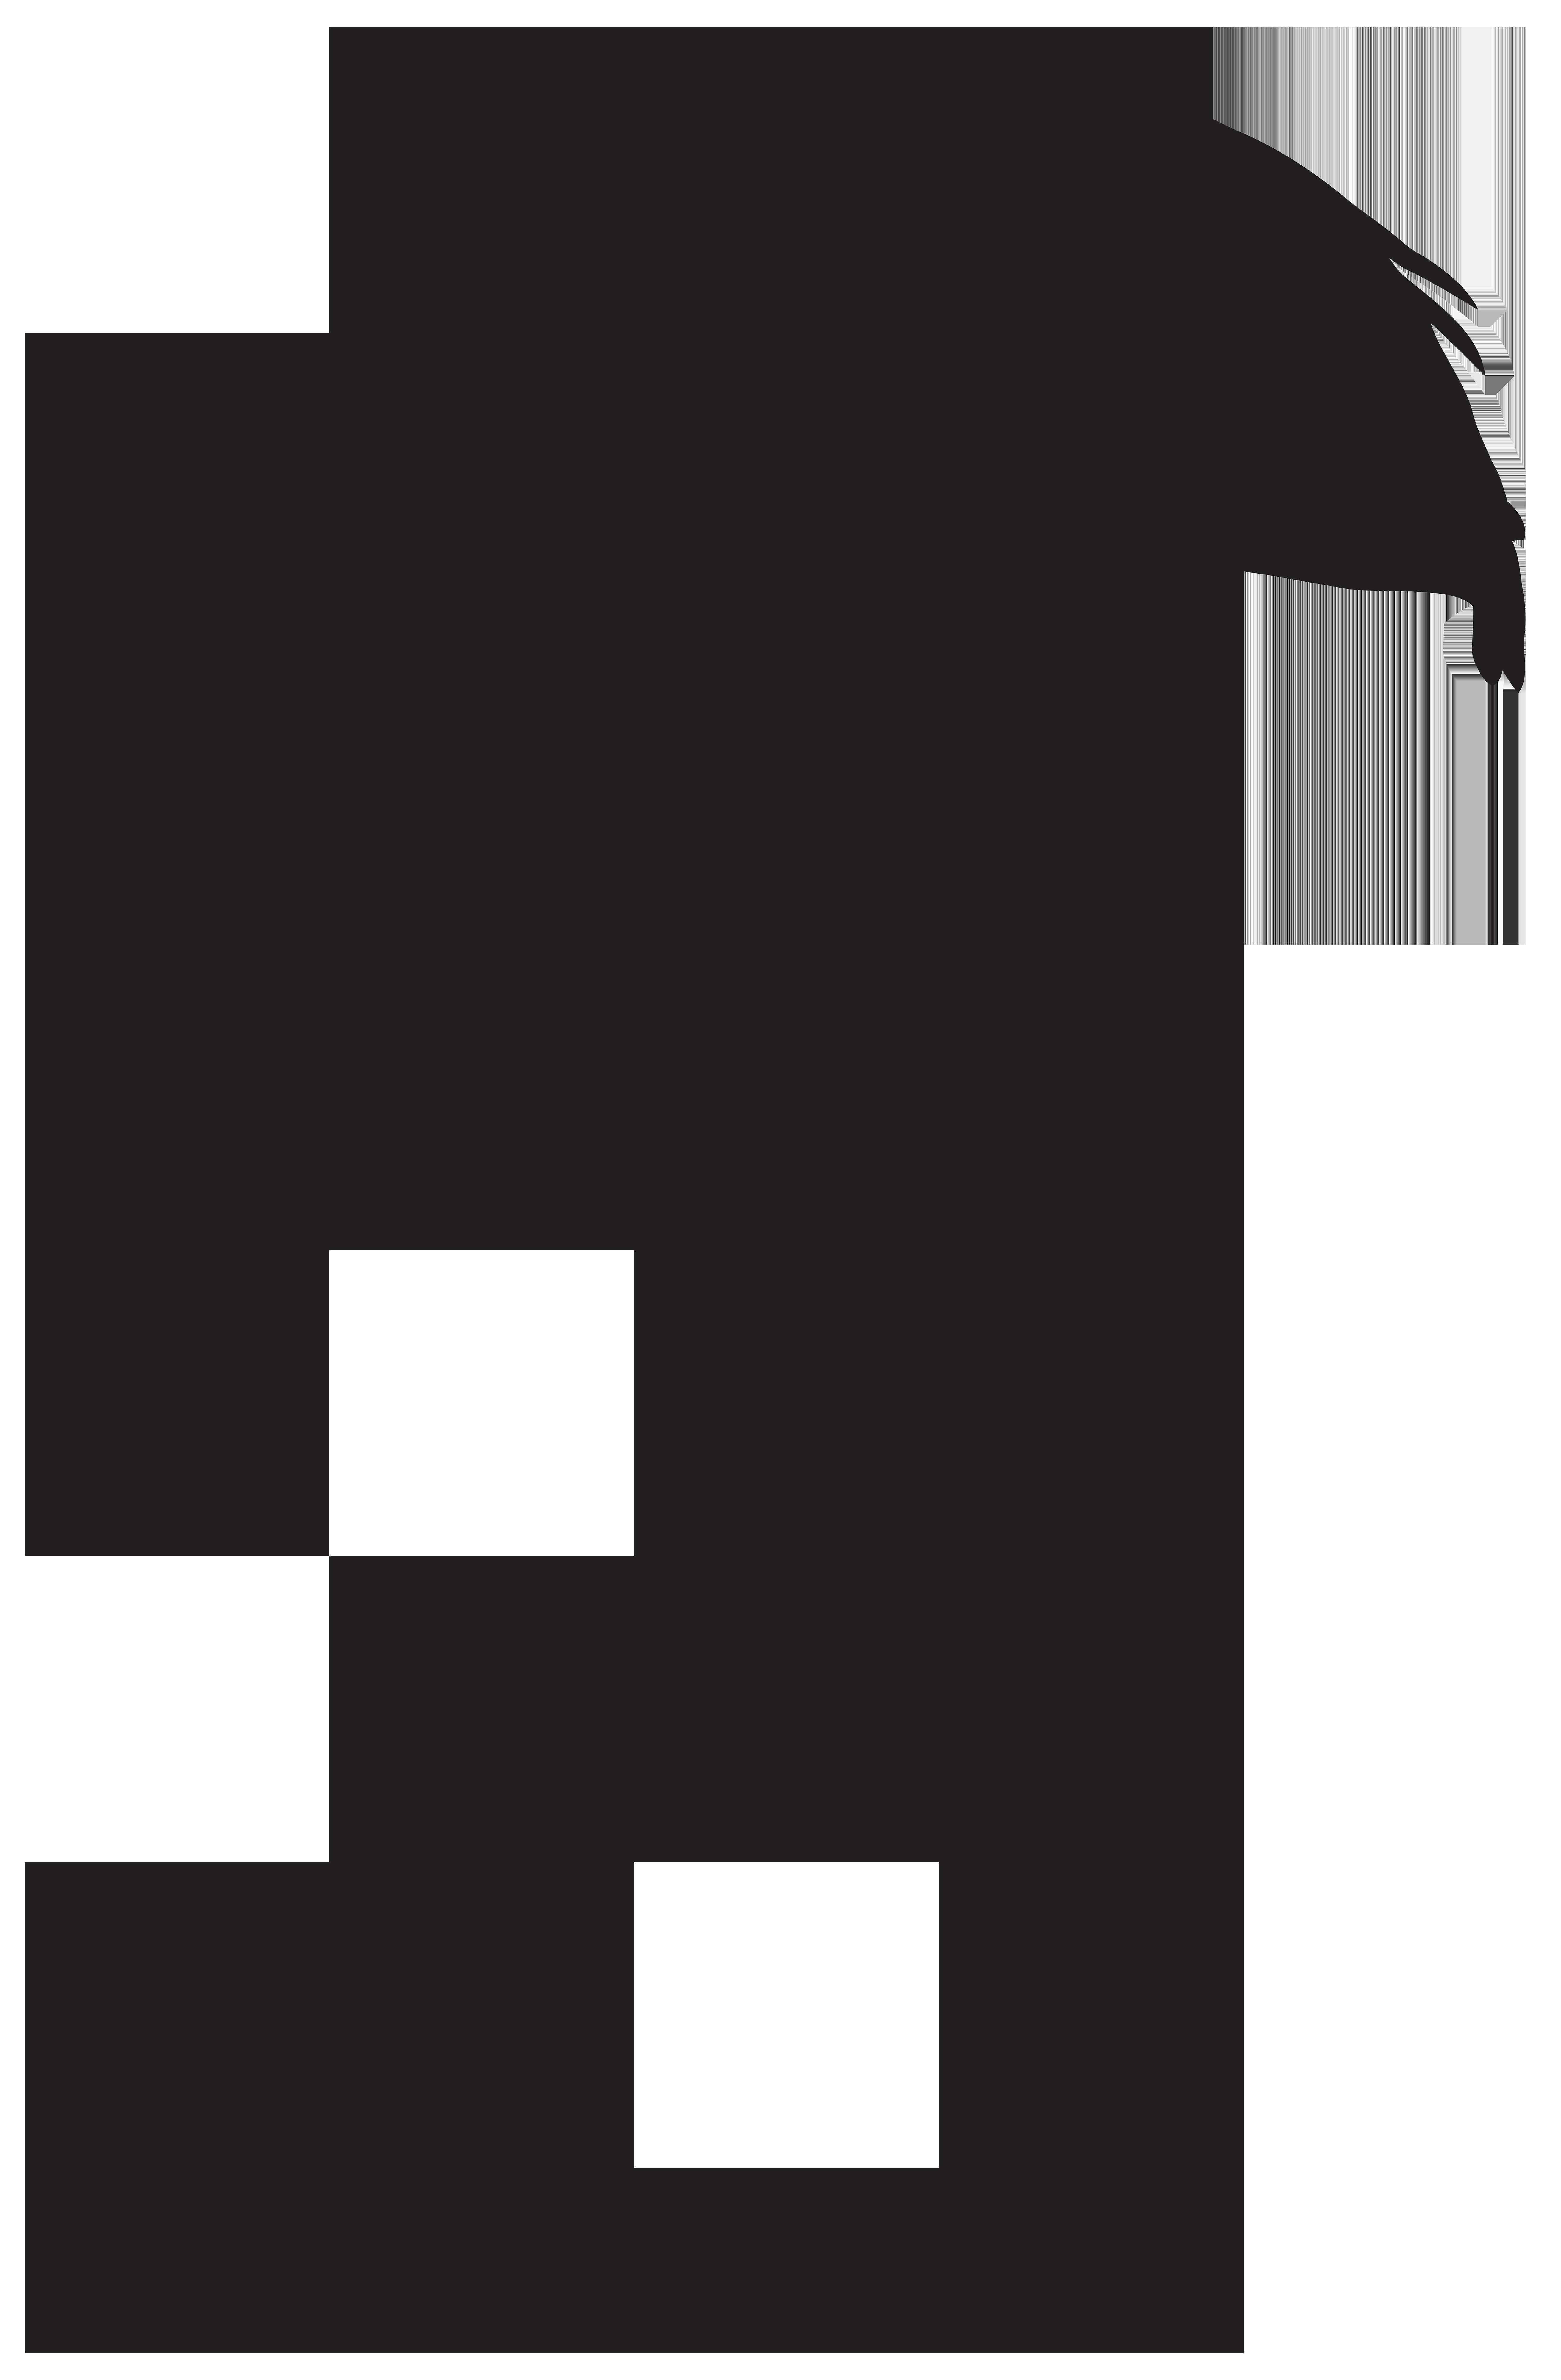 5246x8000 Flamingo Silhouette Png Transparent Clip Art Imageu200b Gallery